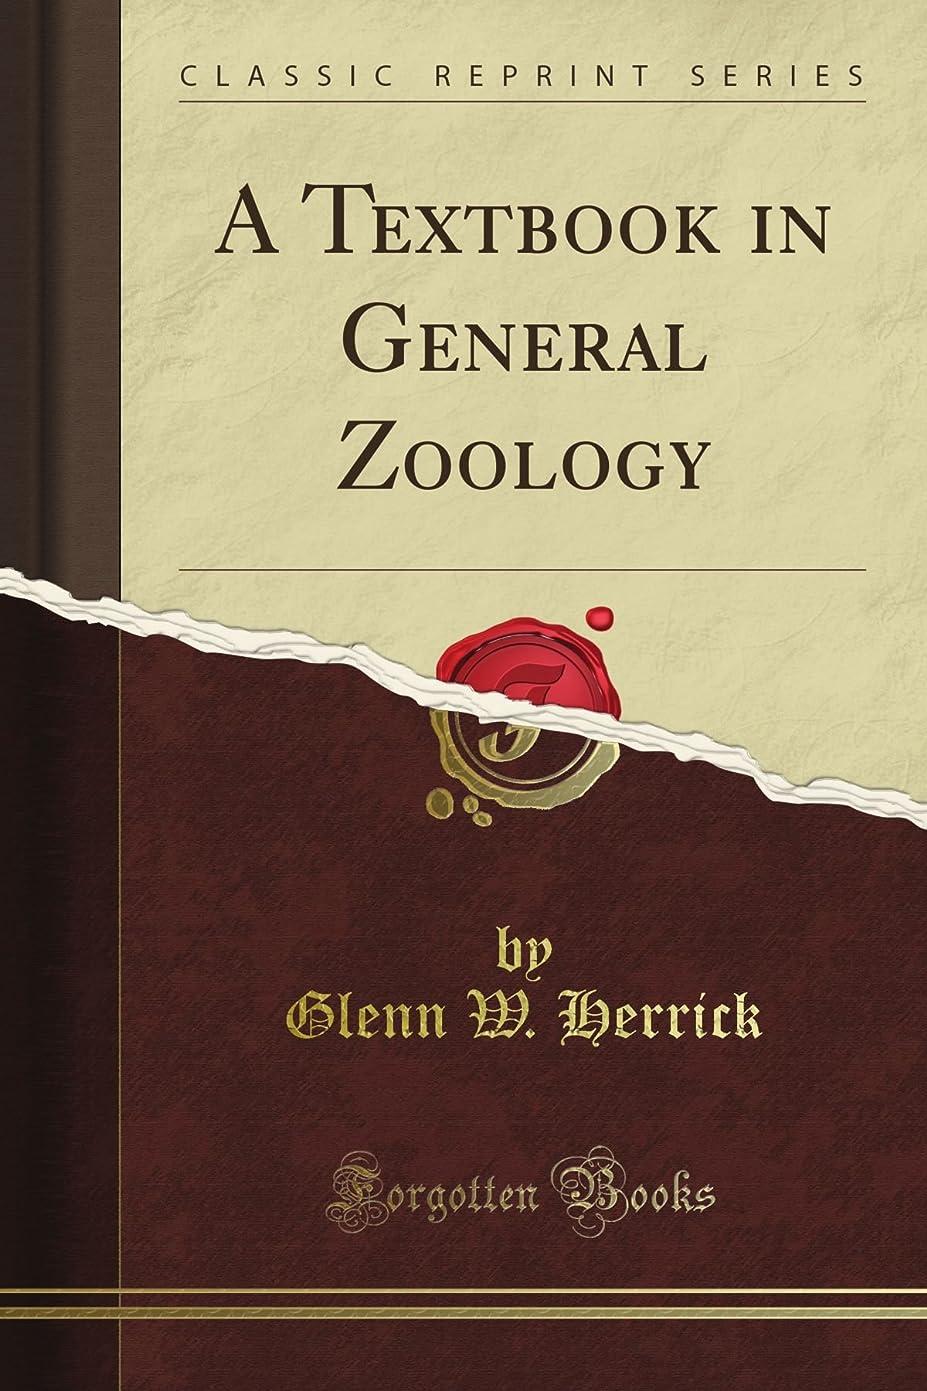 タイトルジェムねじれA Textbook in General Zoology (Classic Reprint)